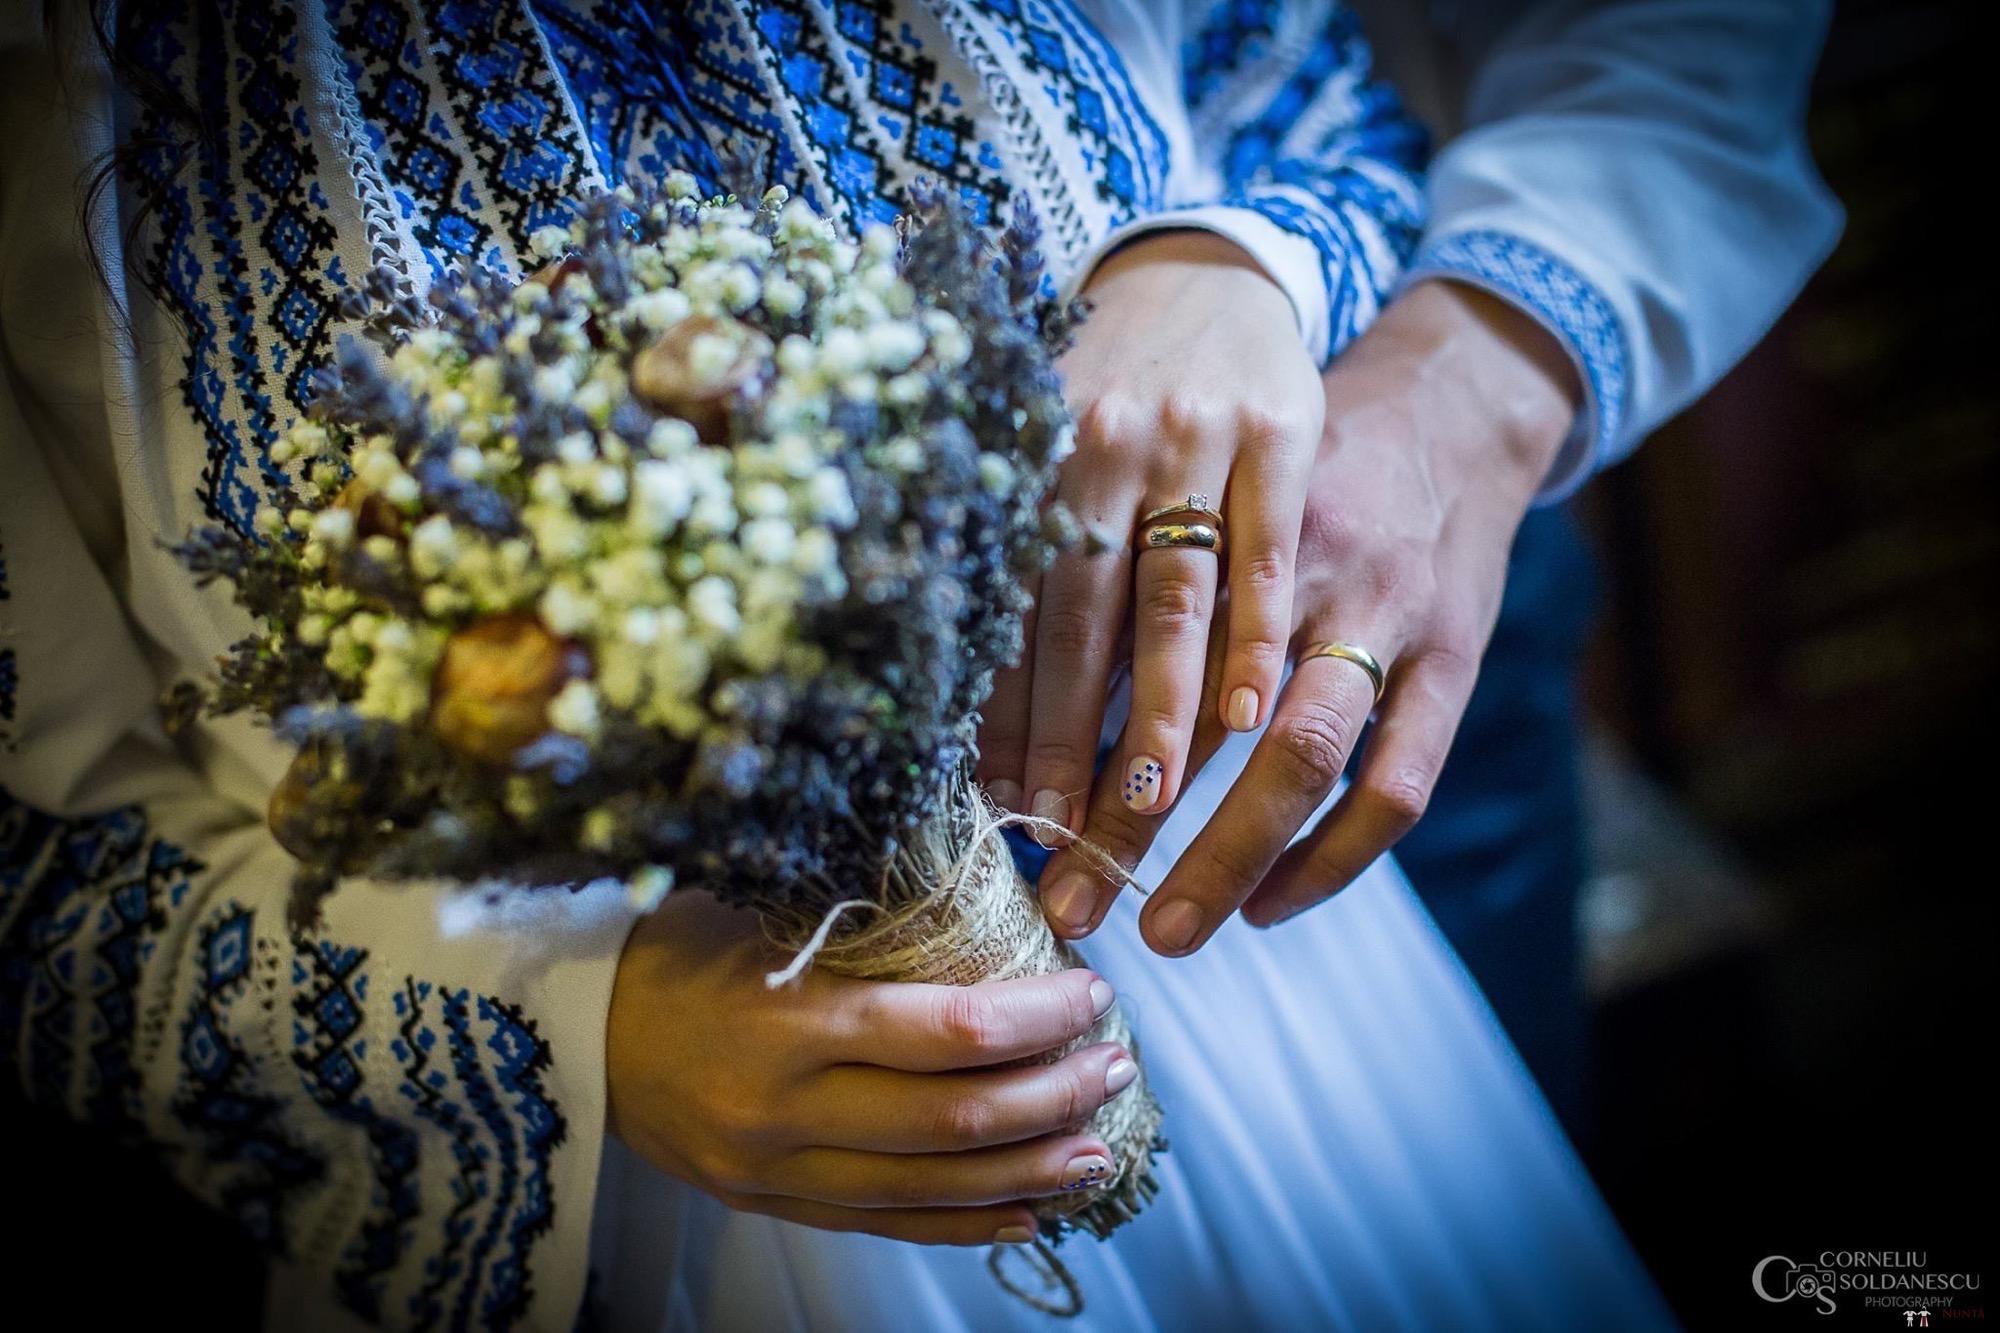 Povești Nunți Tradiționale - Ioana-Alexandra și Bogdan-Vasile. Nuntă tradițională în Fălticeni 46